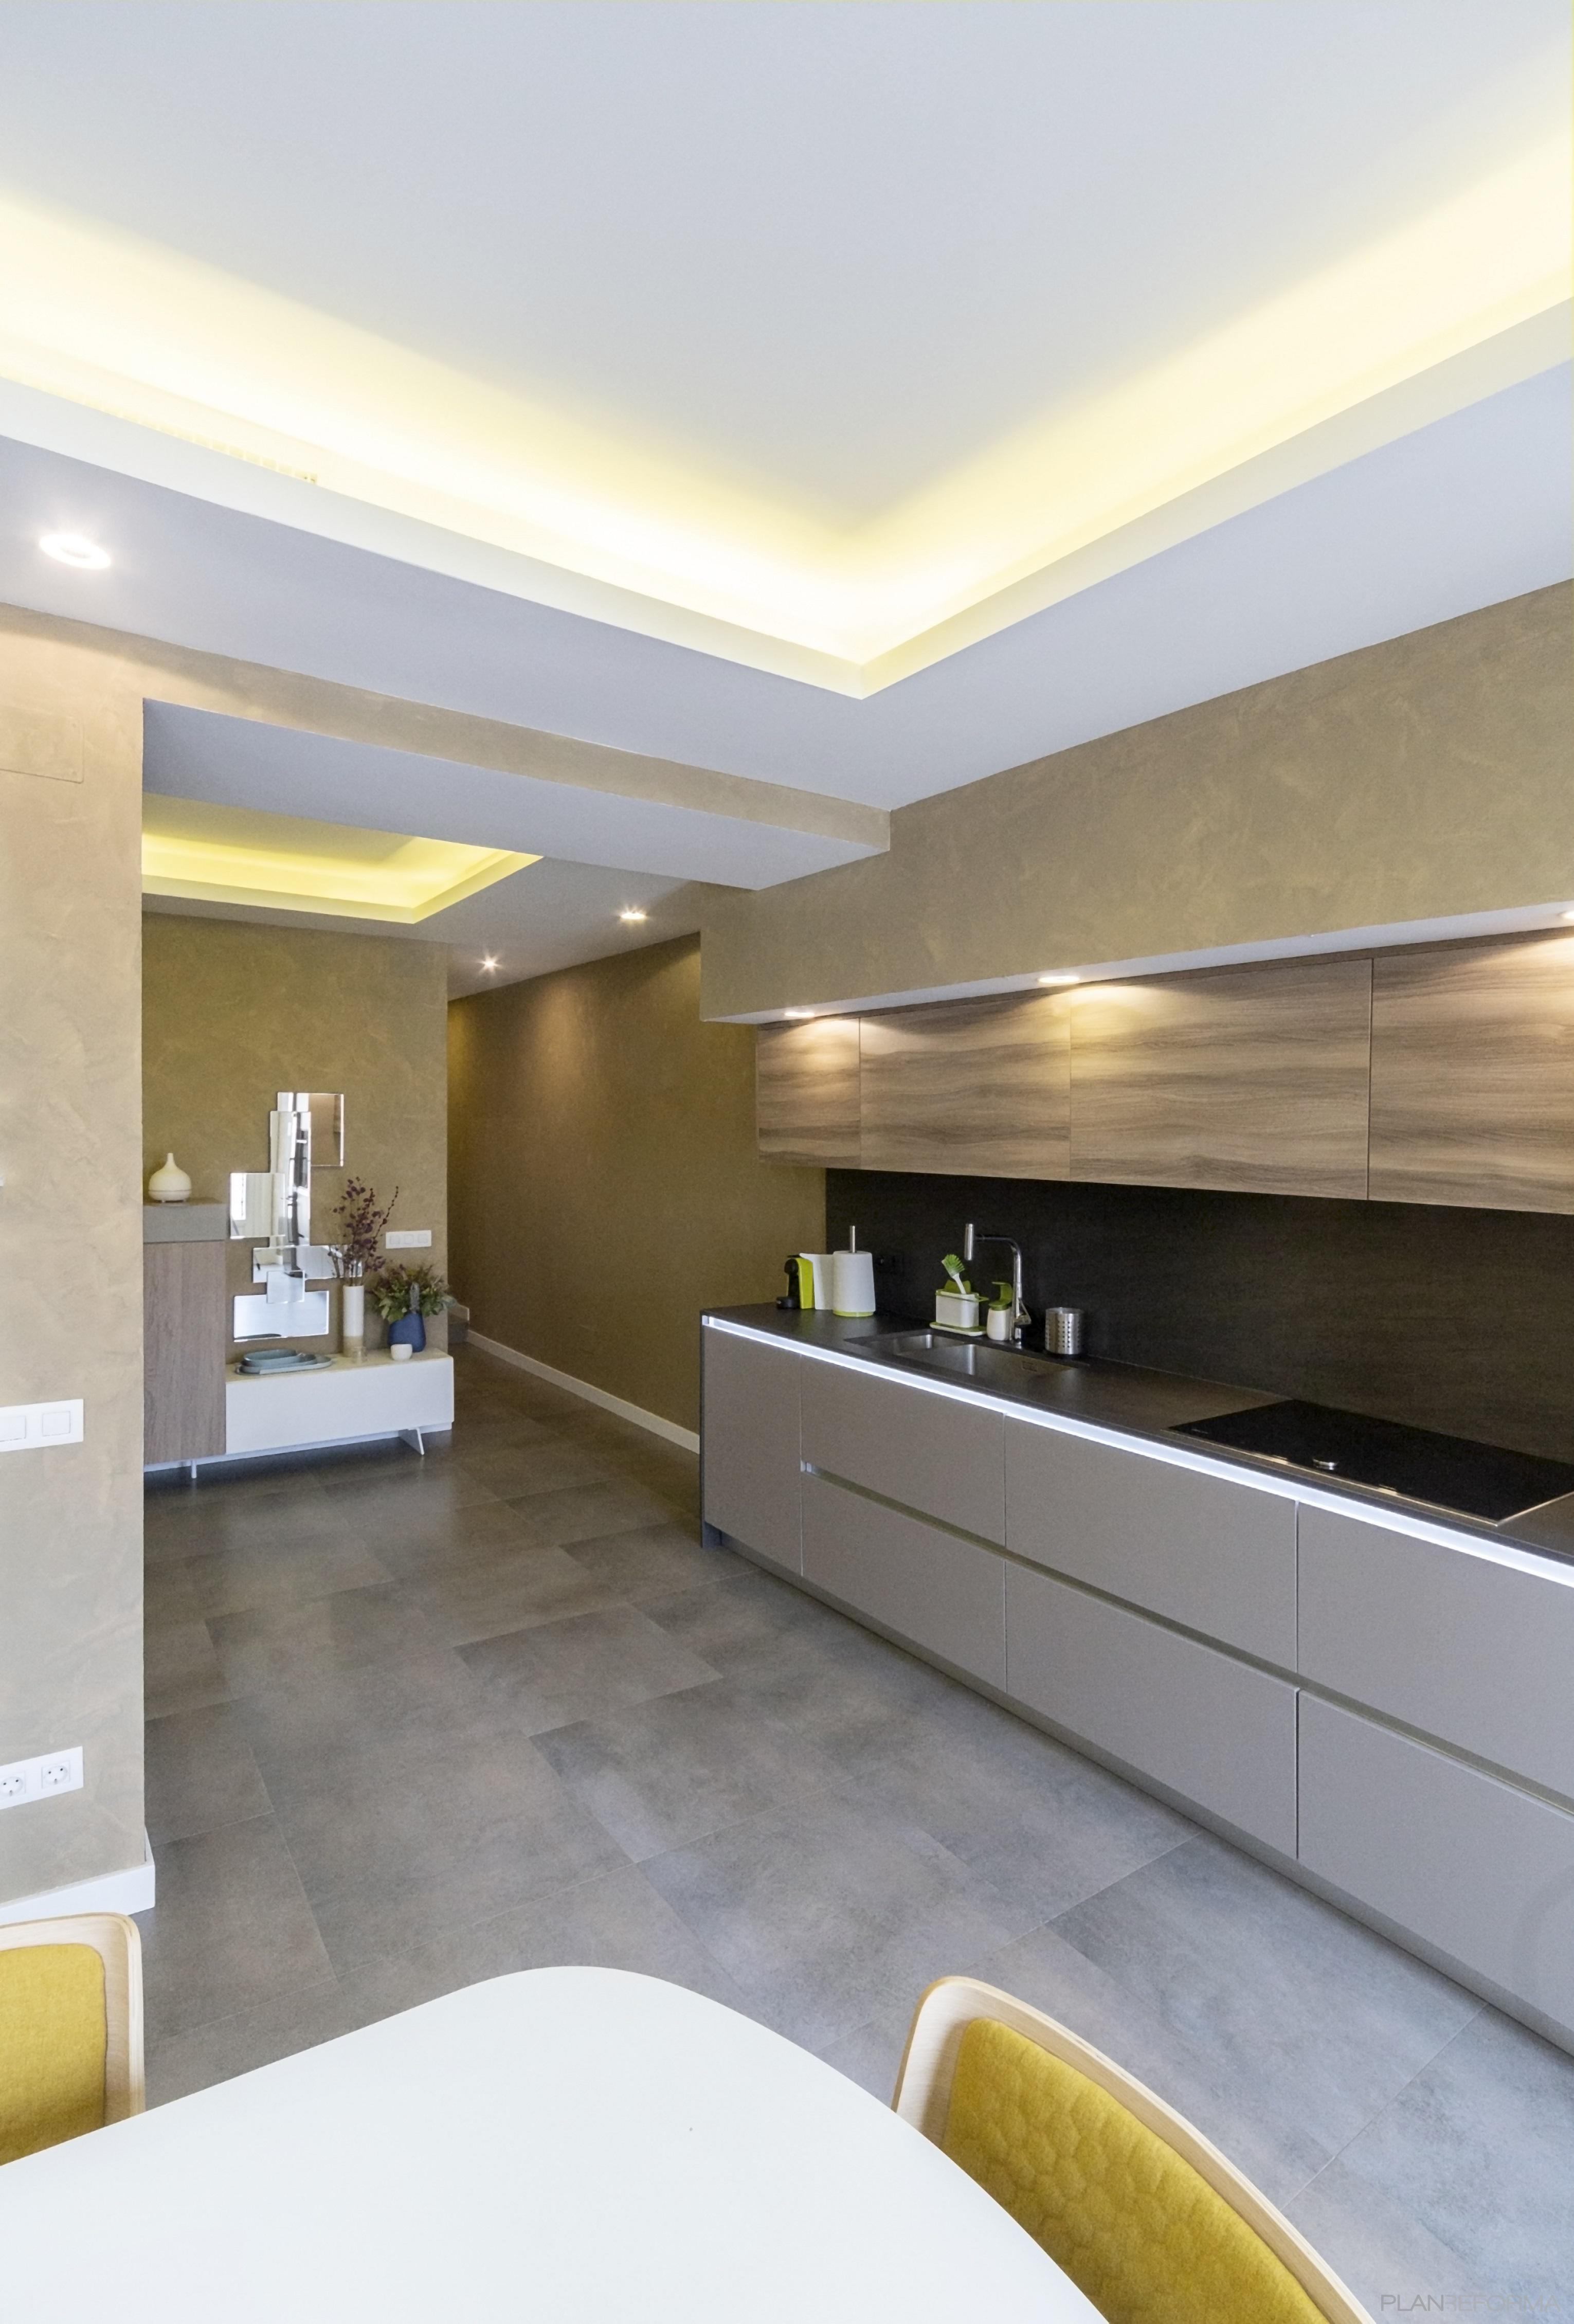 Cocina Estilo moderno Color marron, beige, gris  diseñado por Galera | Gremio | Copyright Galera